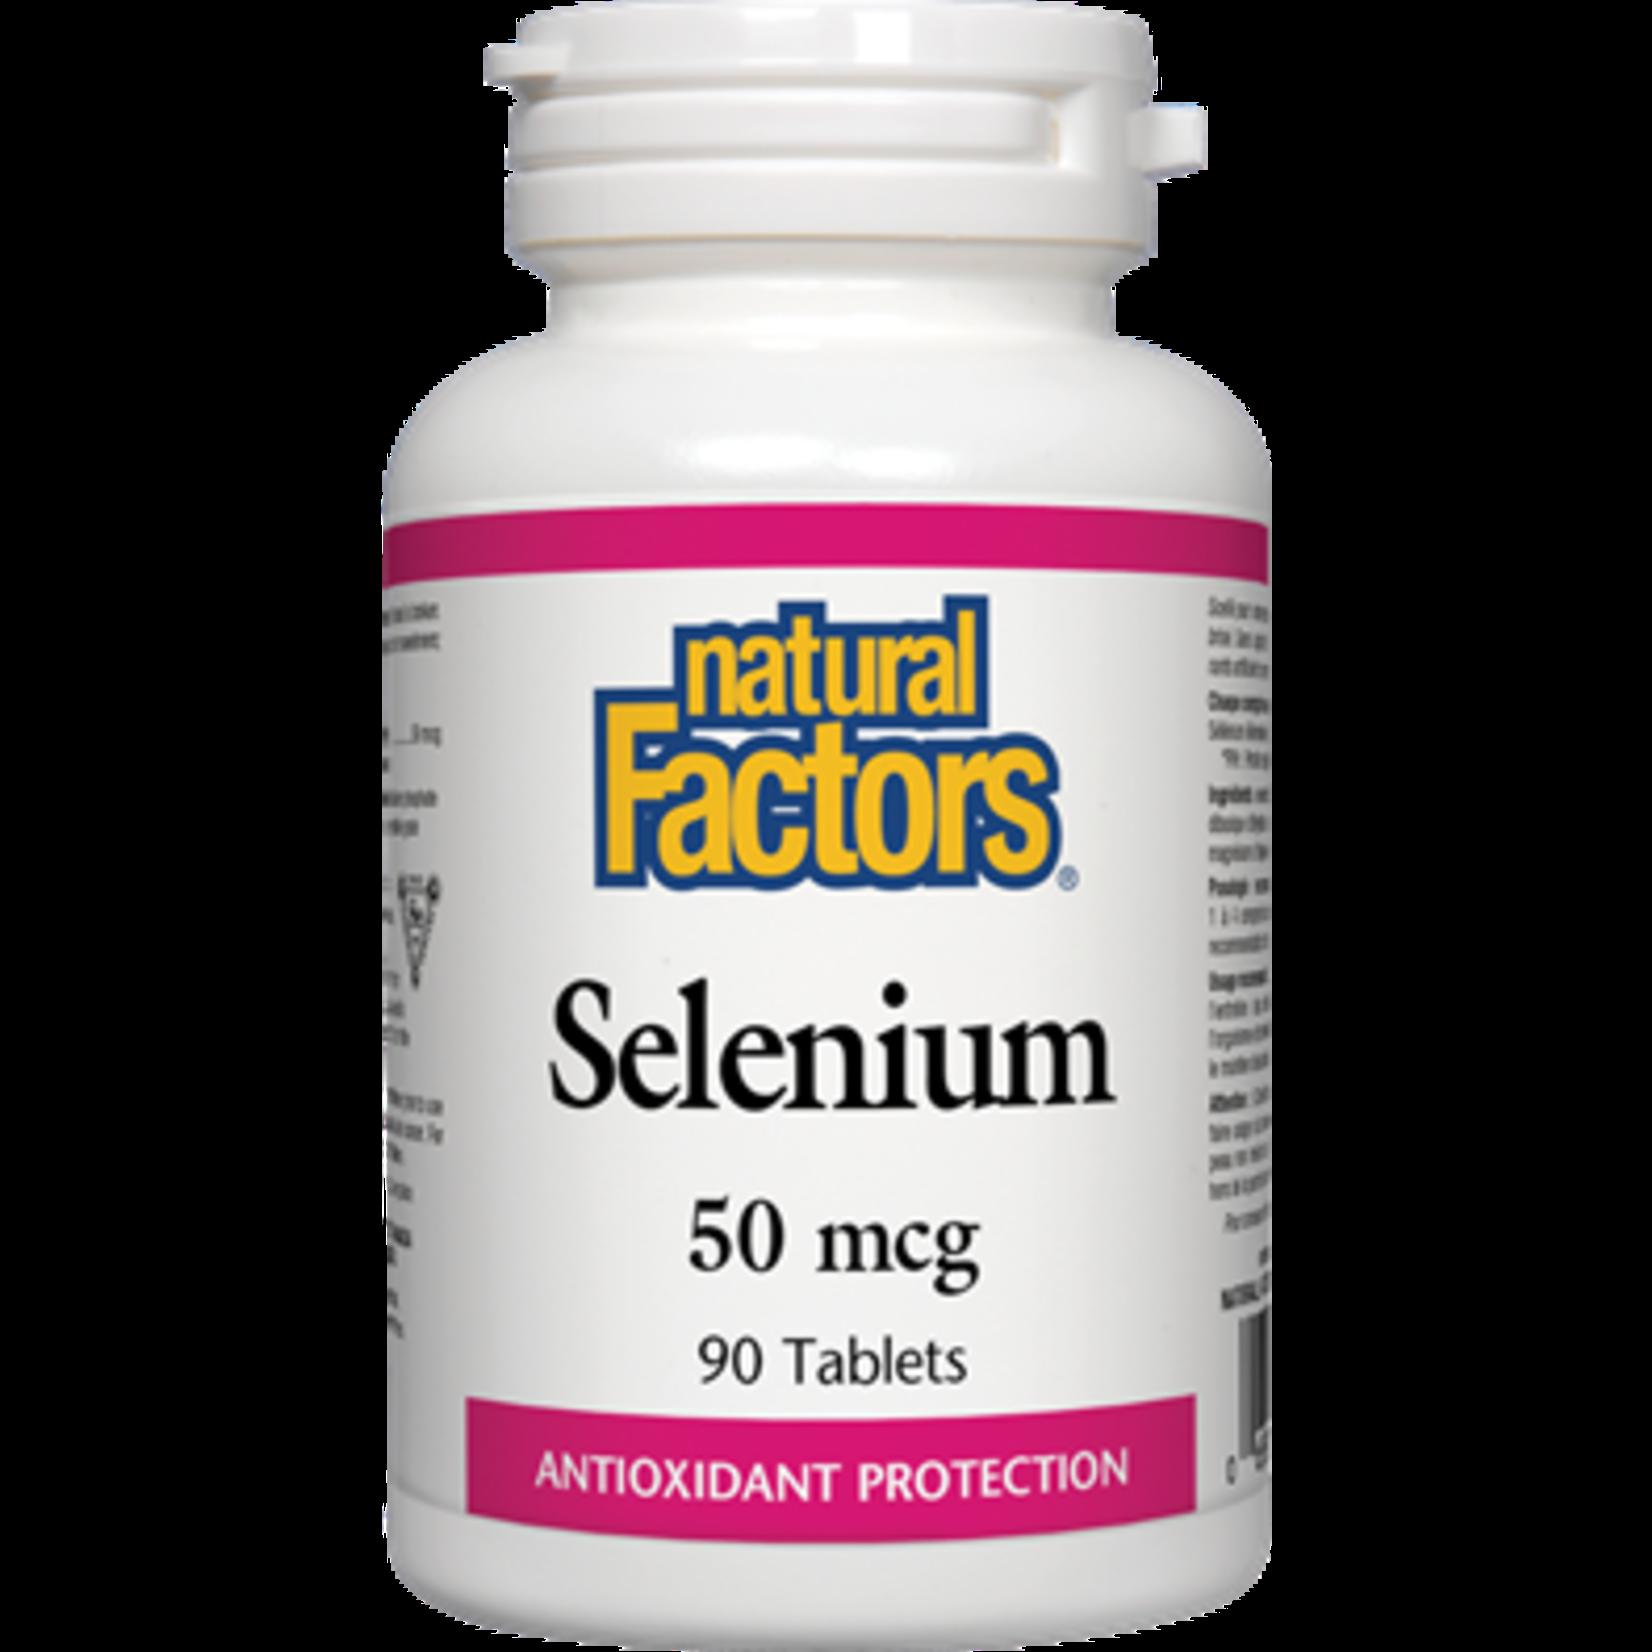 Natural Factors Natural Factors Selenium 50 mcg 90 tabs